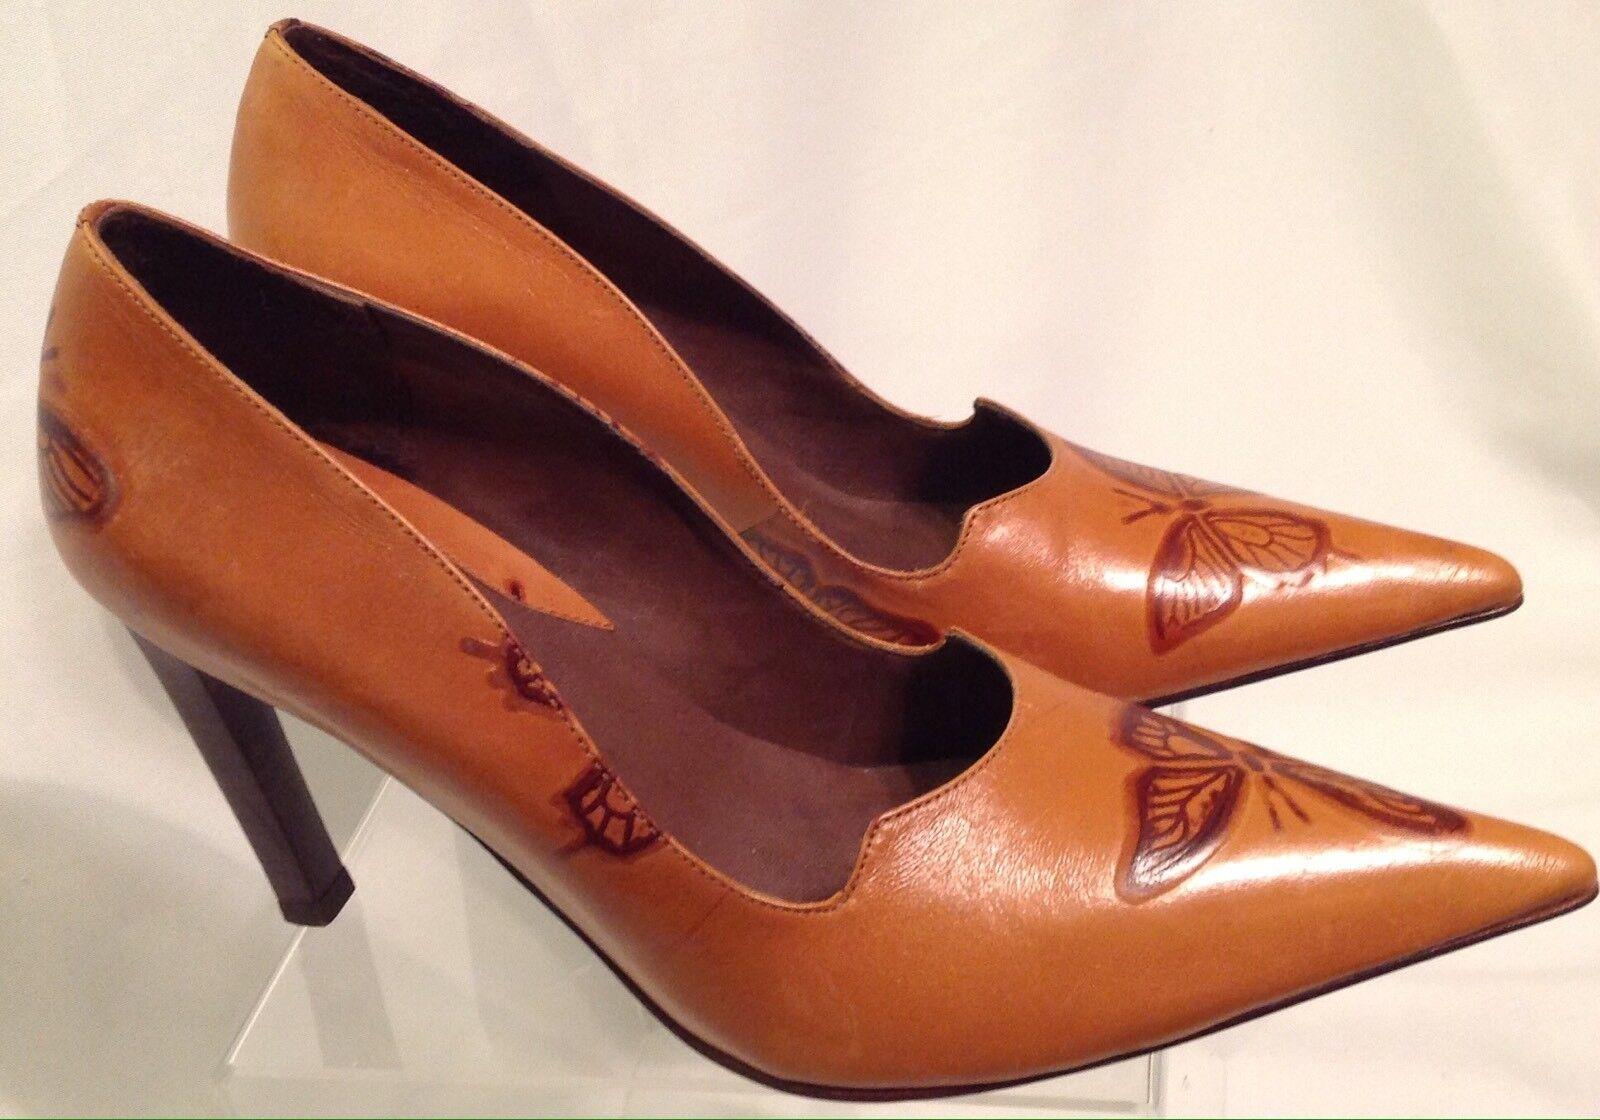 SCHUTZ Pumps Stiletto 9B EU 40 Schuhes Braun Beauty Butterfly Leder Embossed